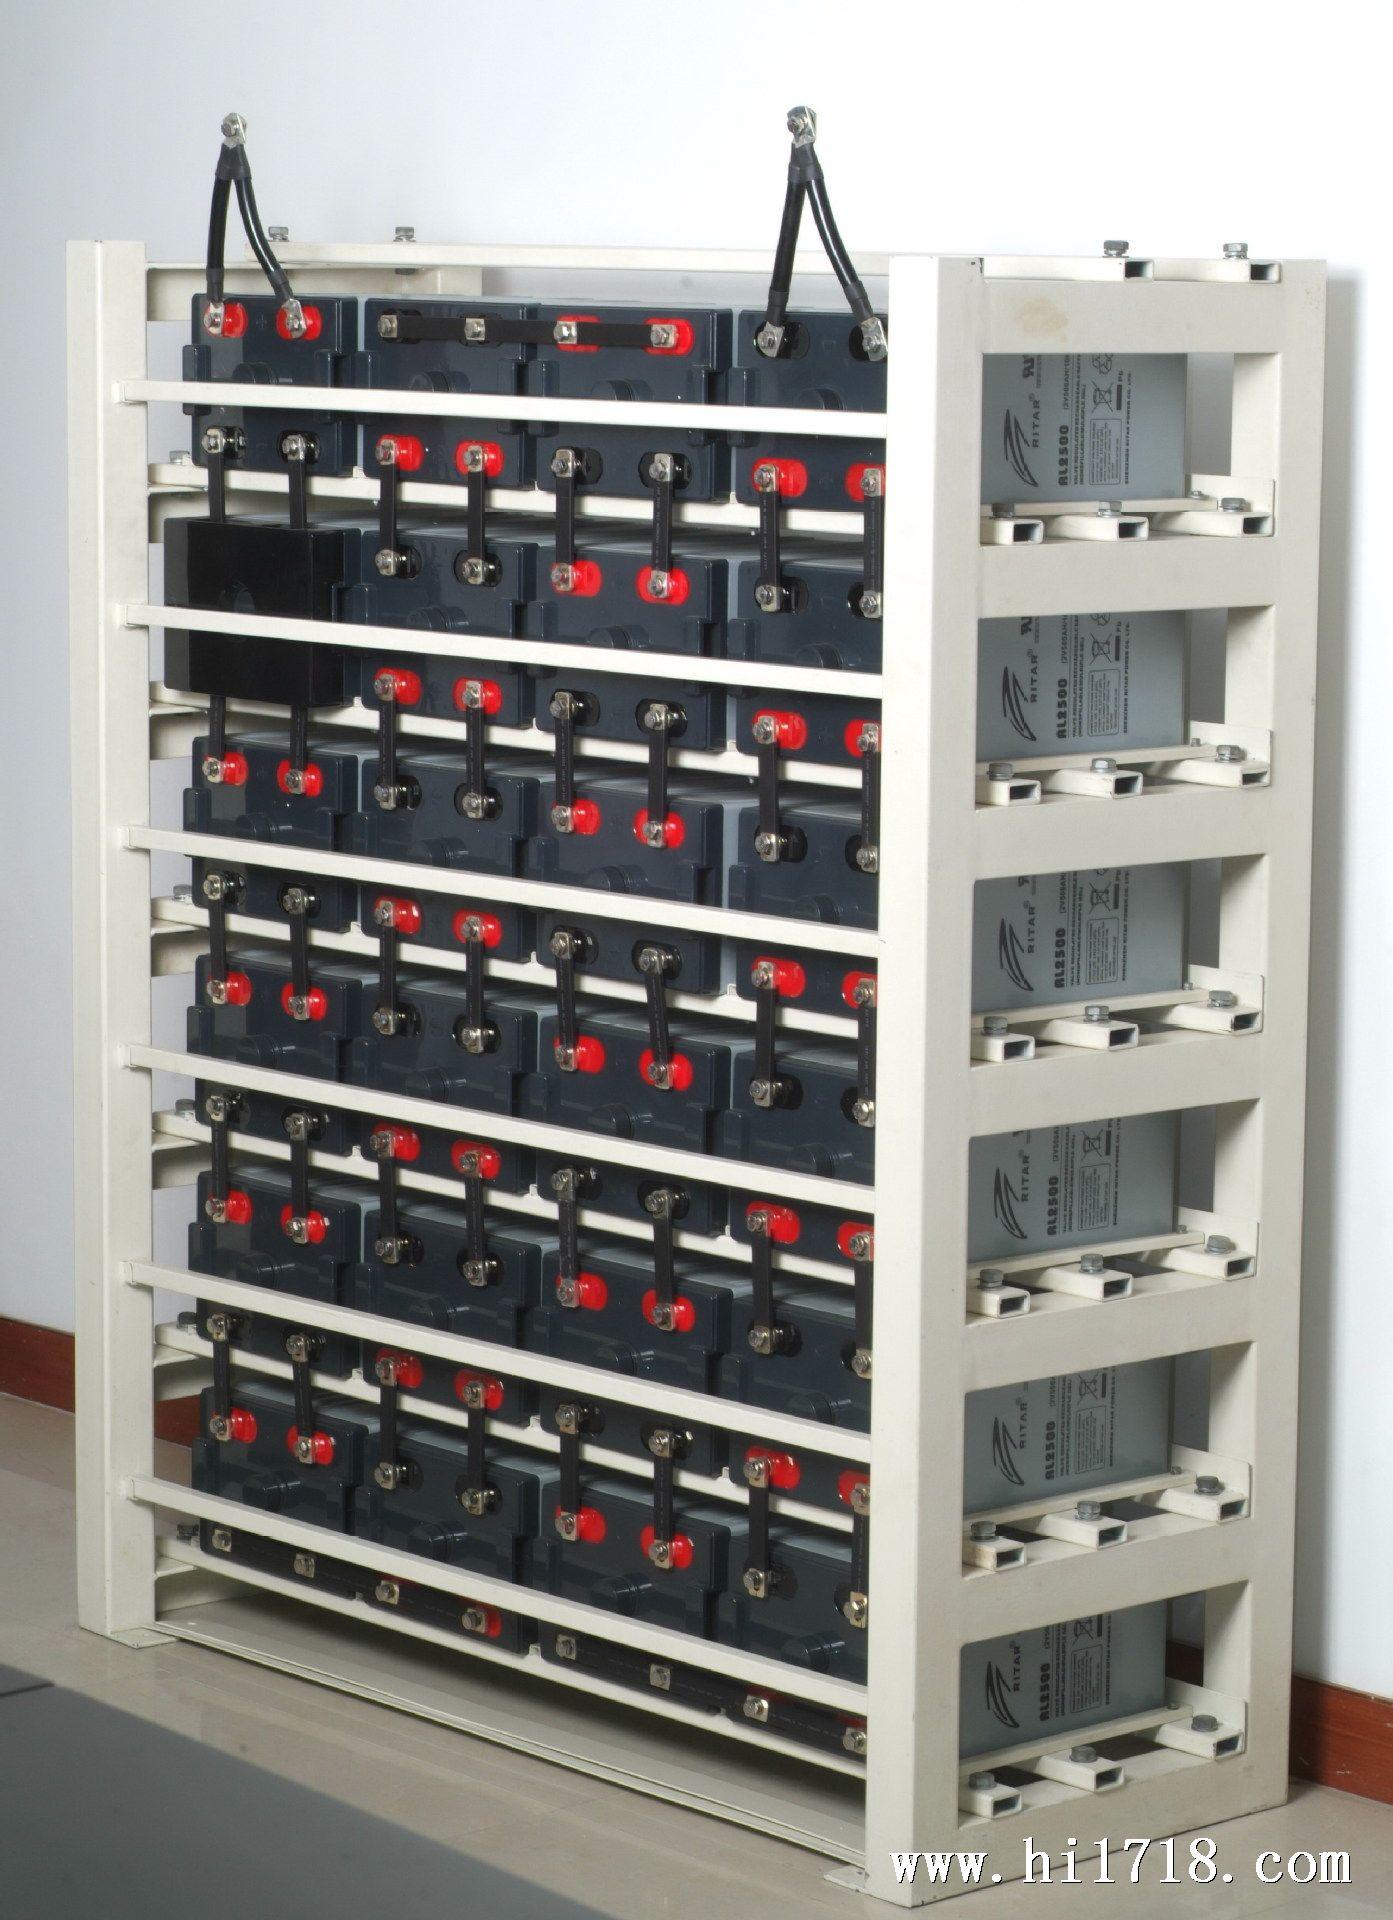 电池/蓄电池 广东深圳瑞达铅酸蓄电池,电池组  应用领域与分类: ◆ups